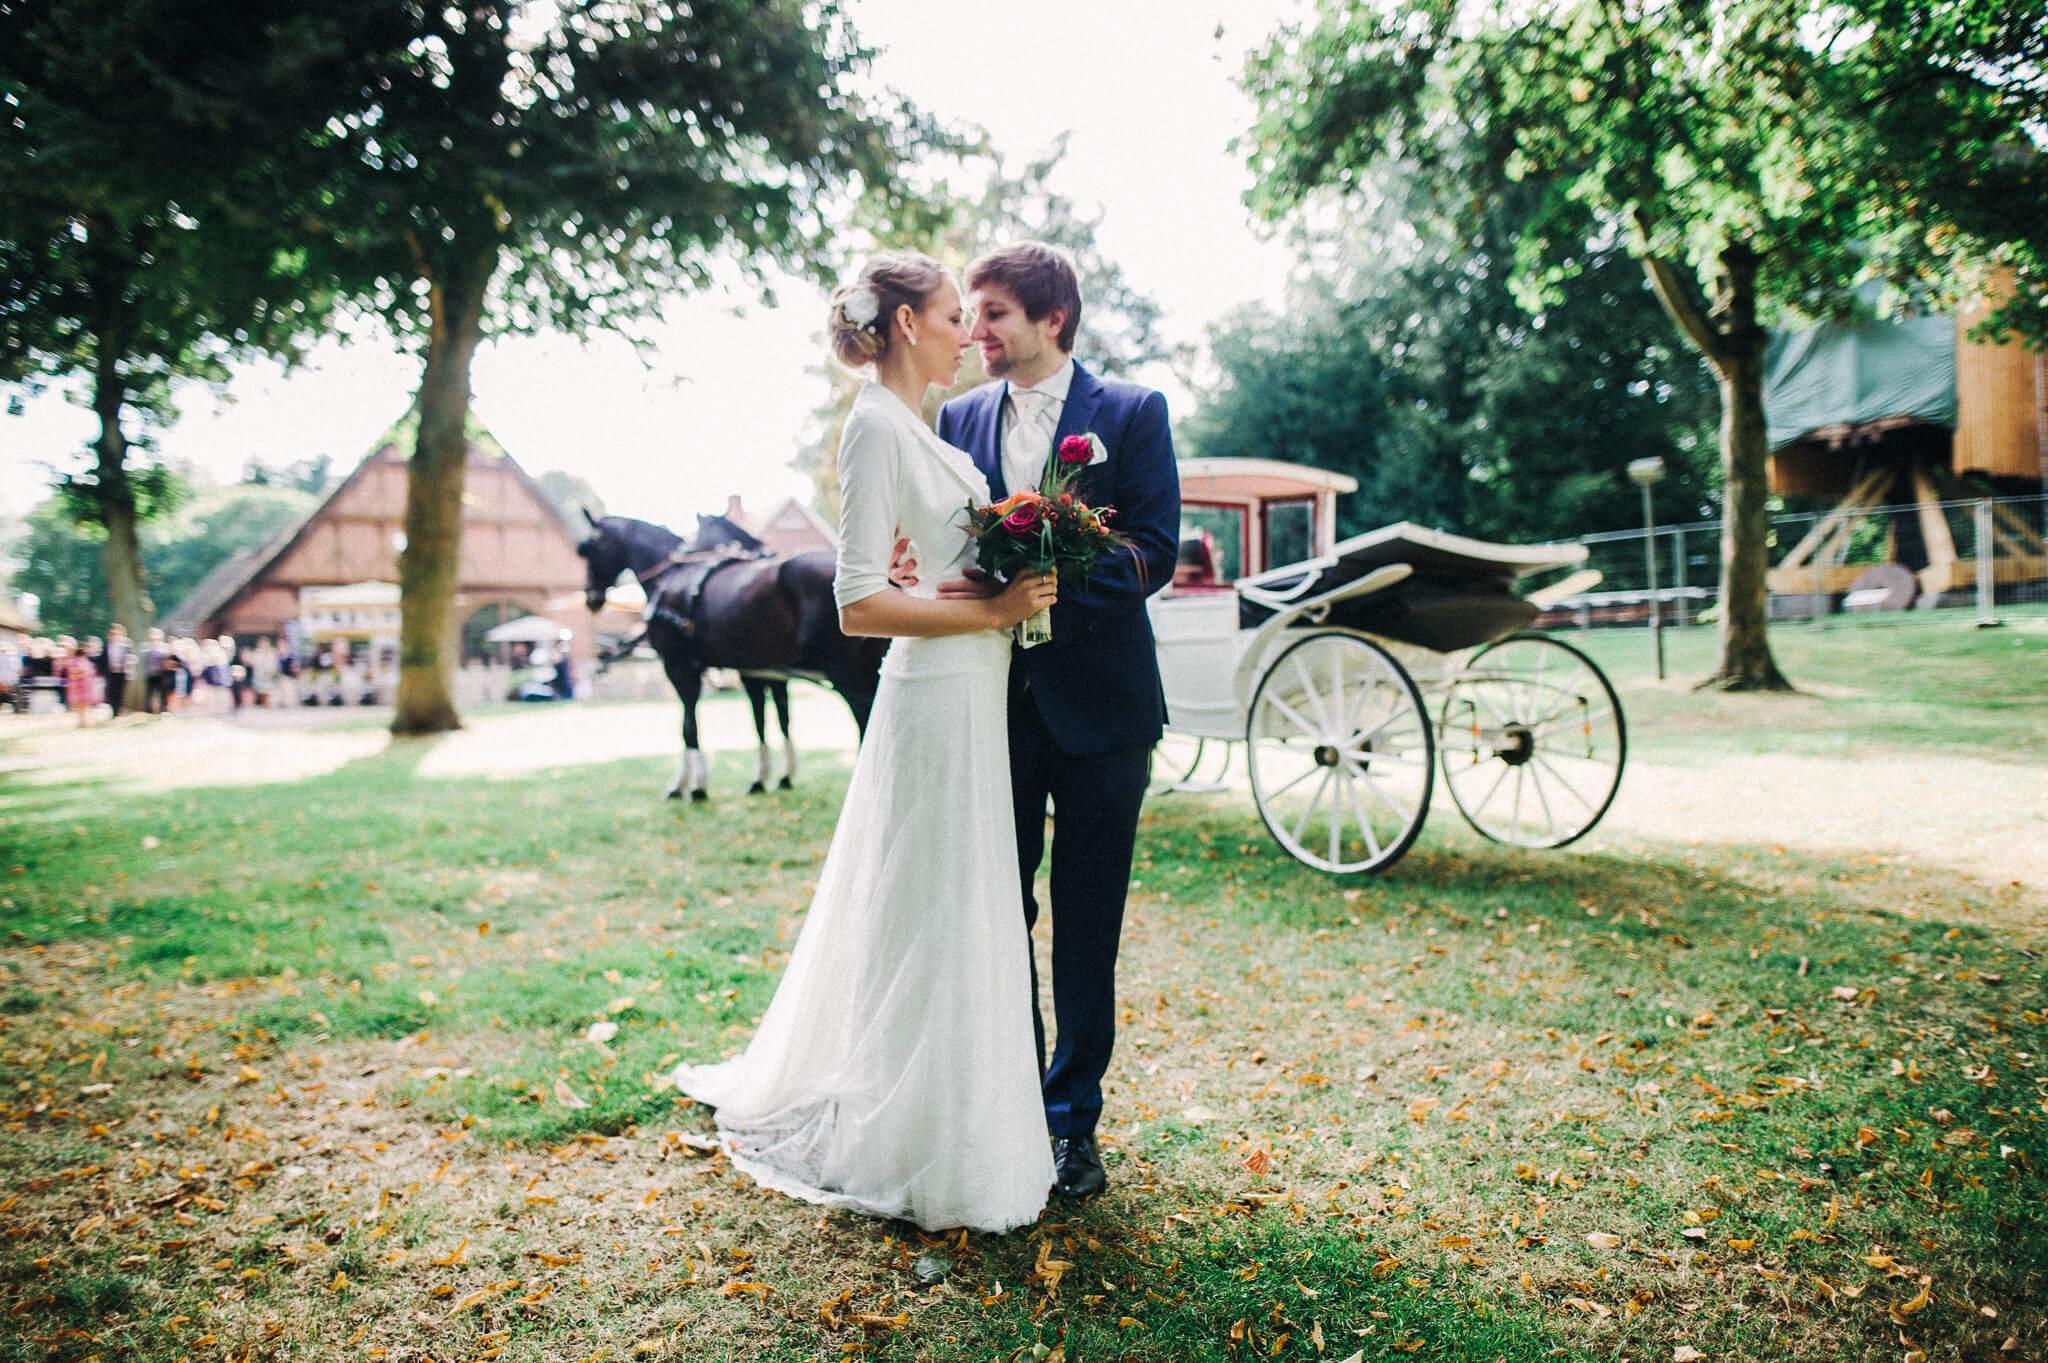 Brautpaar mit Kutsche, Insel Stade